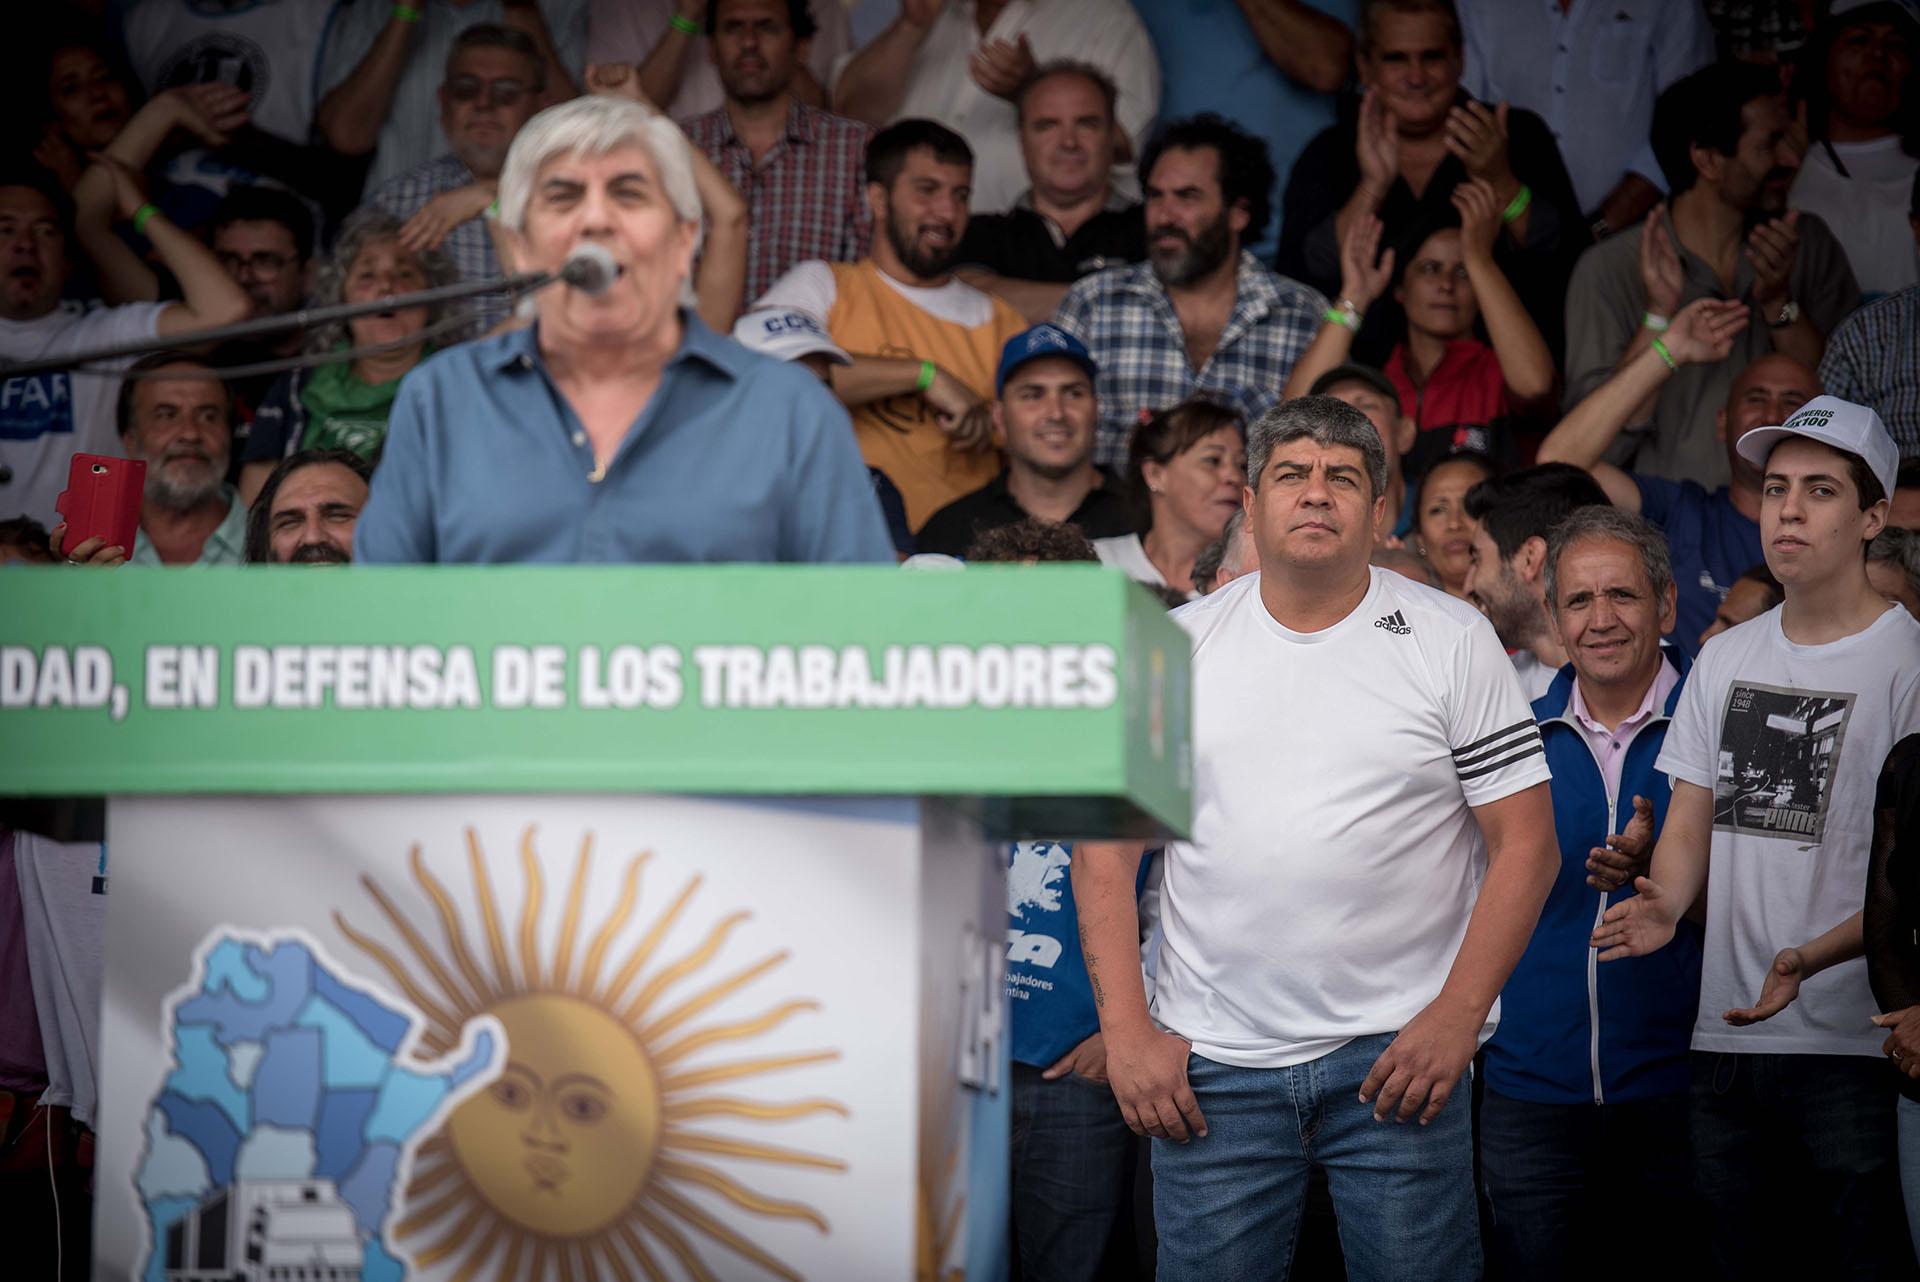 Hugo y Pablo Moyano, en la marcha de la semana pasada (Guille Llamos)